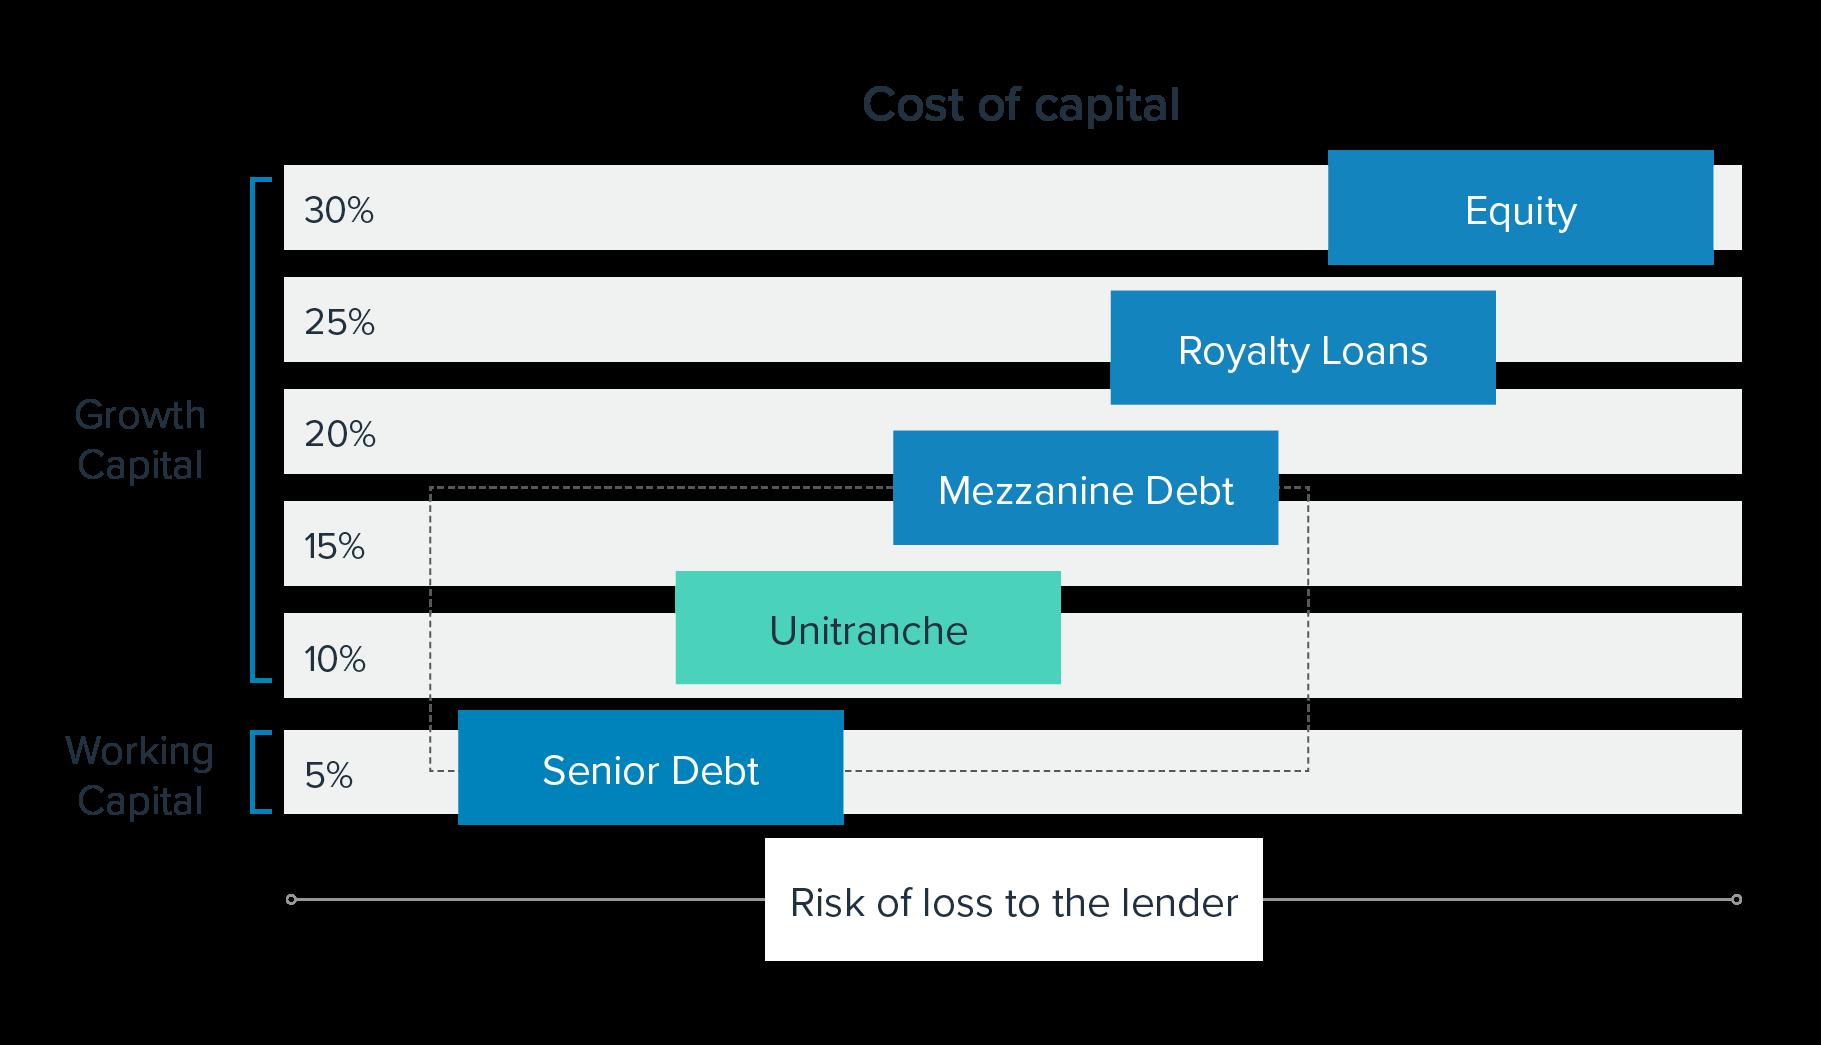 Venture debt, cost of capital